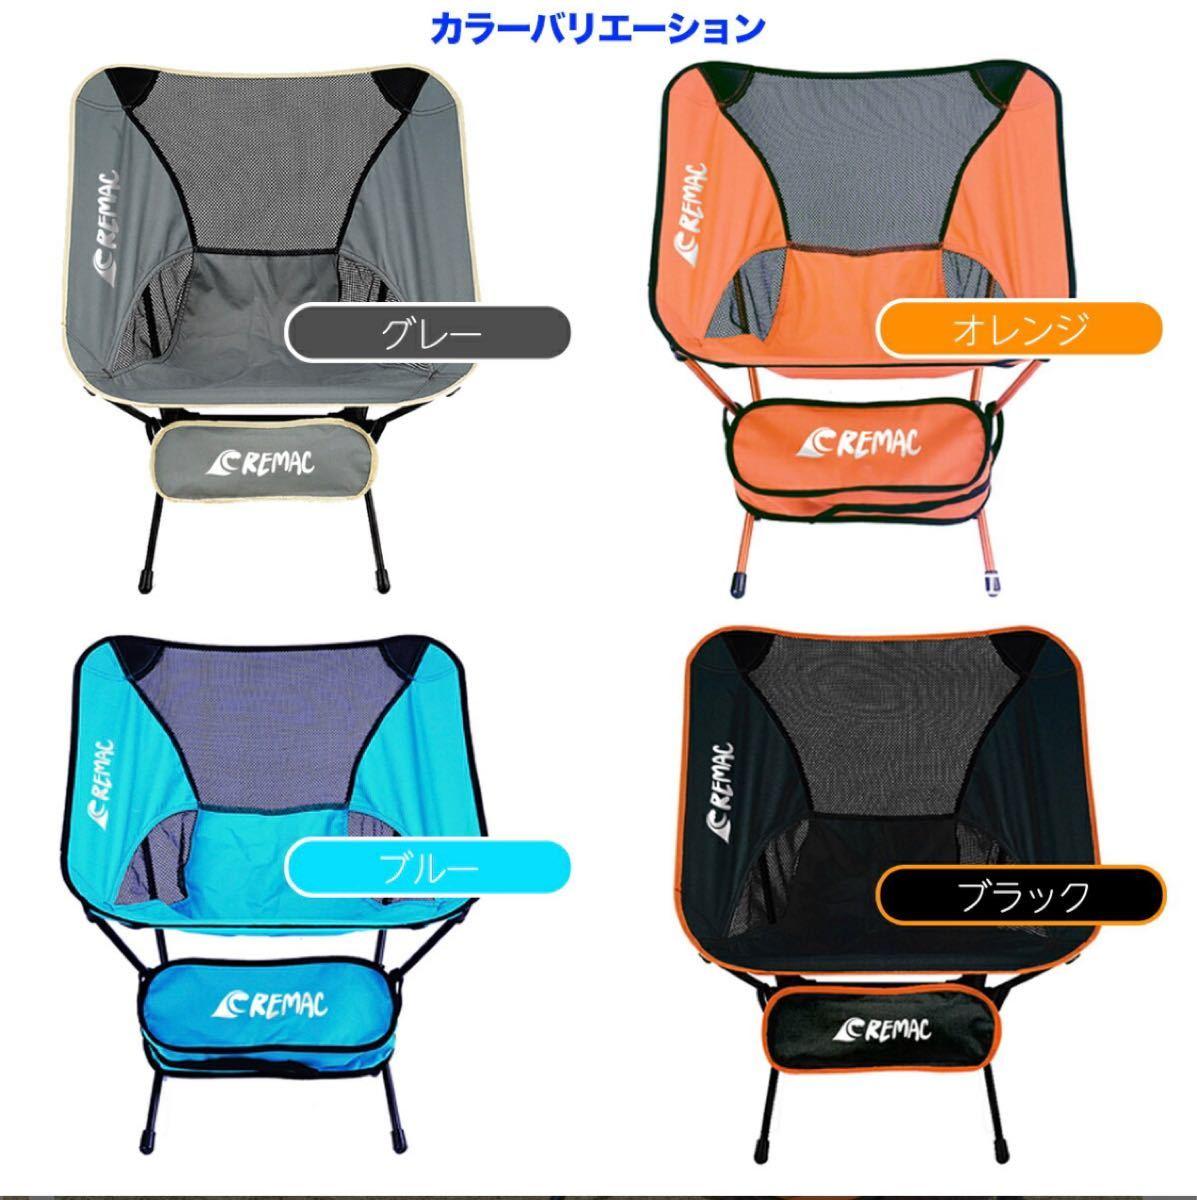 新品 らくらく持ち運び アウトドアチェア 折りたたみ キャンプ椅子 ブラック 1